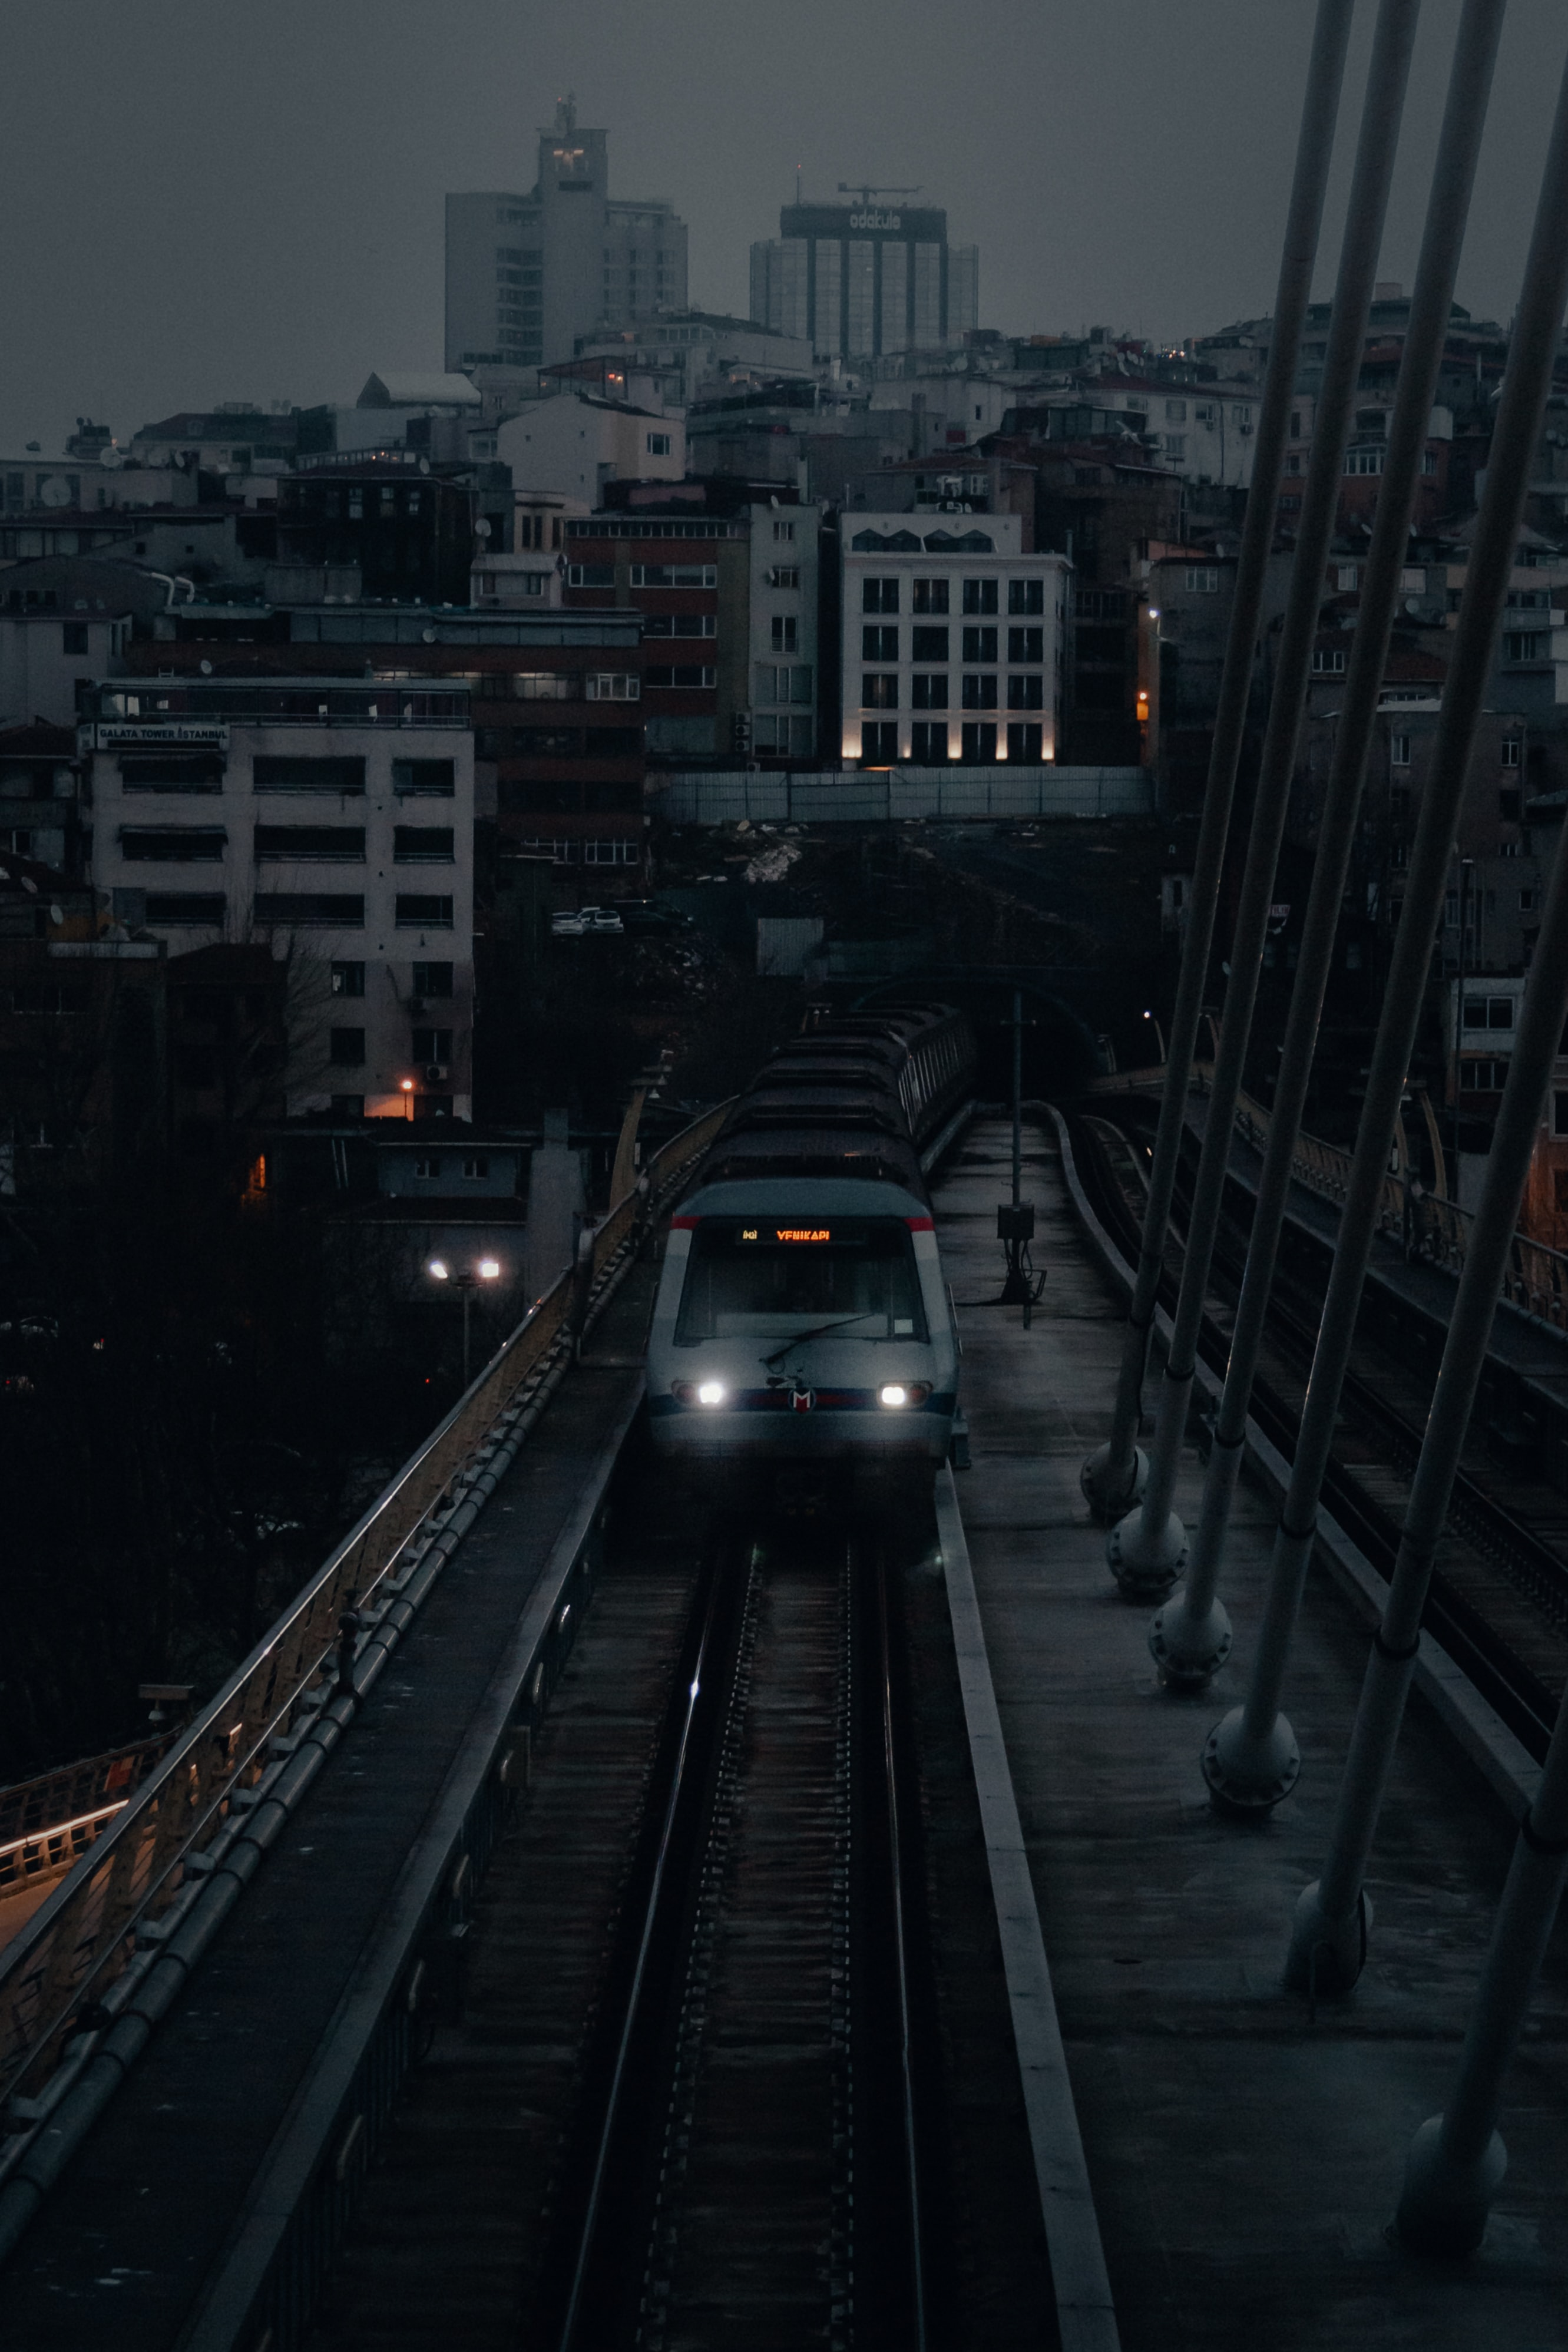 104892壁紙のダウンロード市, 都市, 鉄道, 電車, 列車, 建物, 夕暮れ, 薄明-スクリーンセーバーと写真を無料で